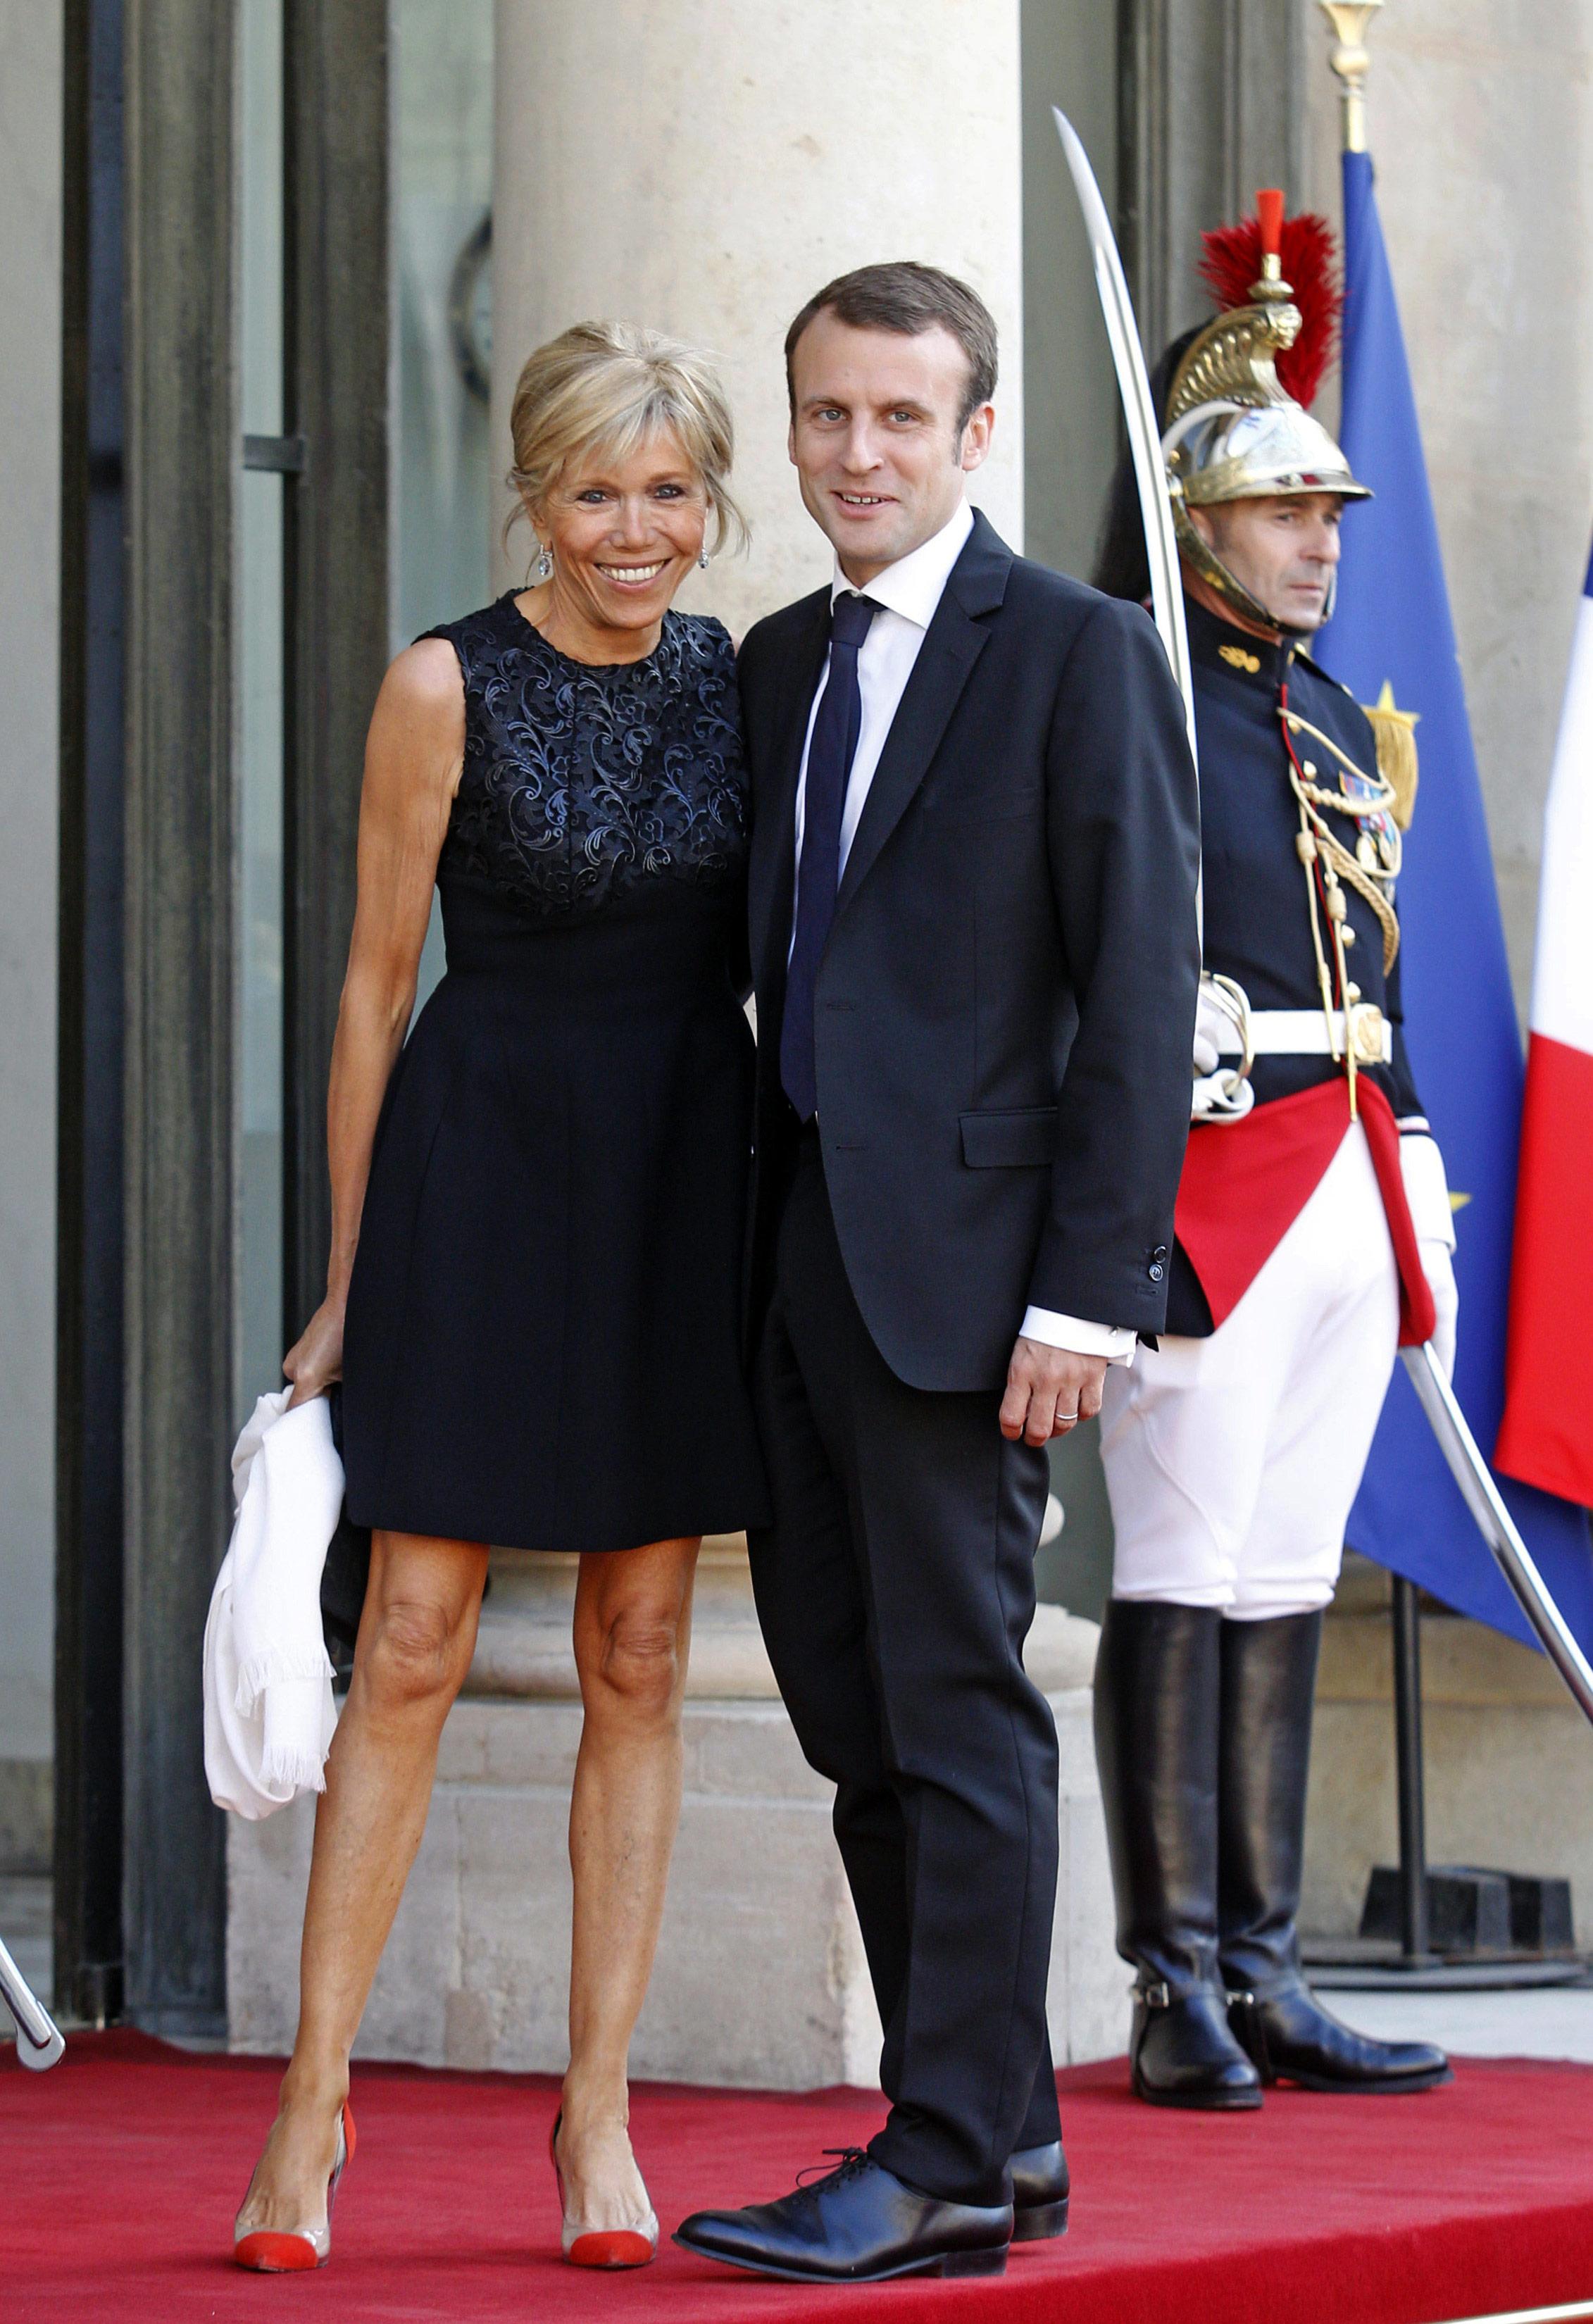 A la primera dama de Francia le gusta usar faldas por encima de la rodilla.  Foto AP.